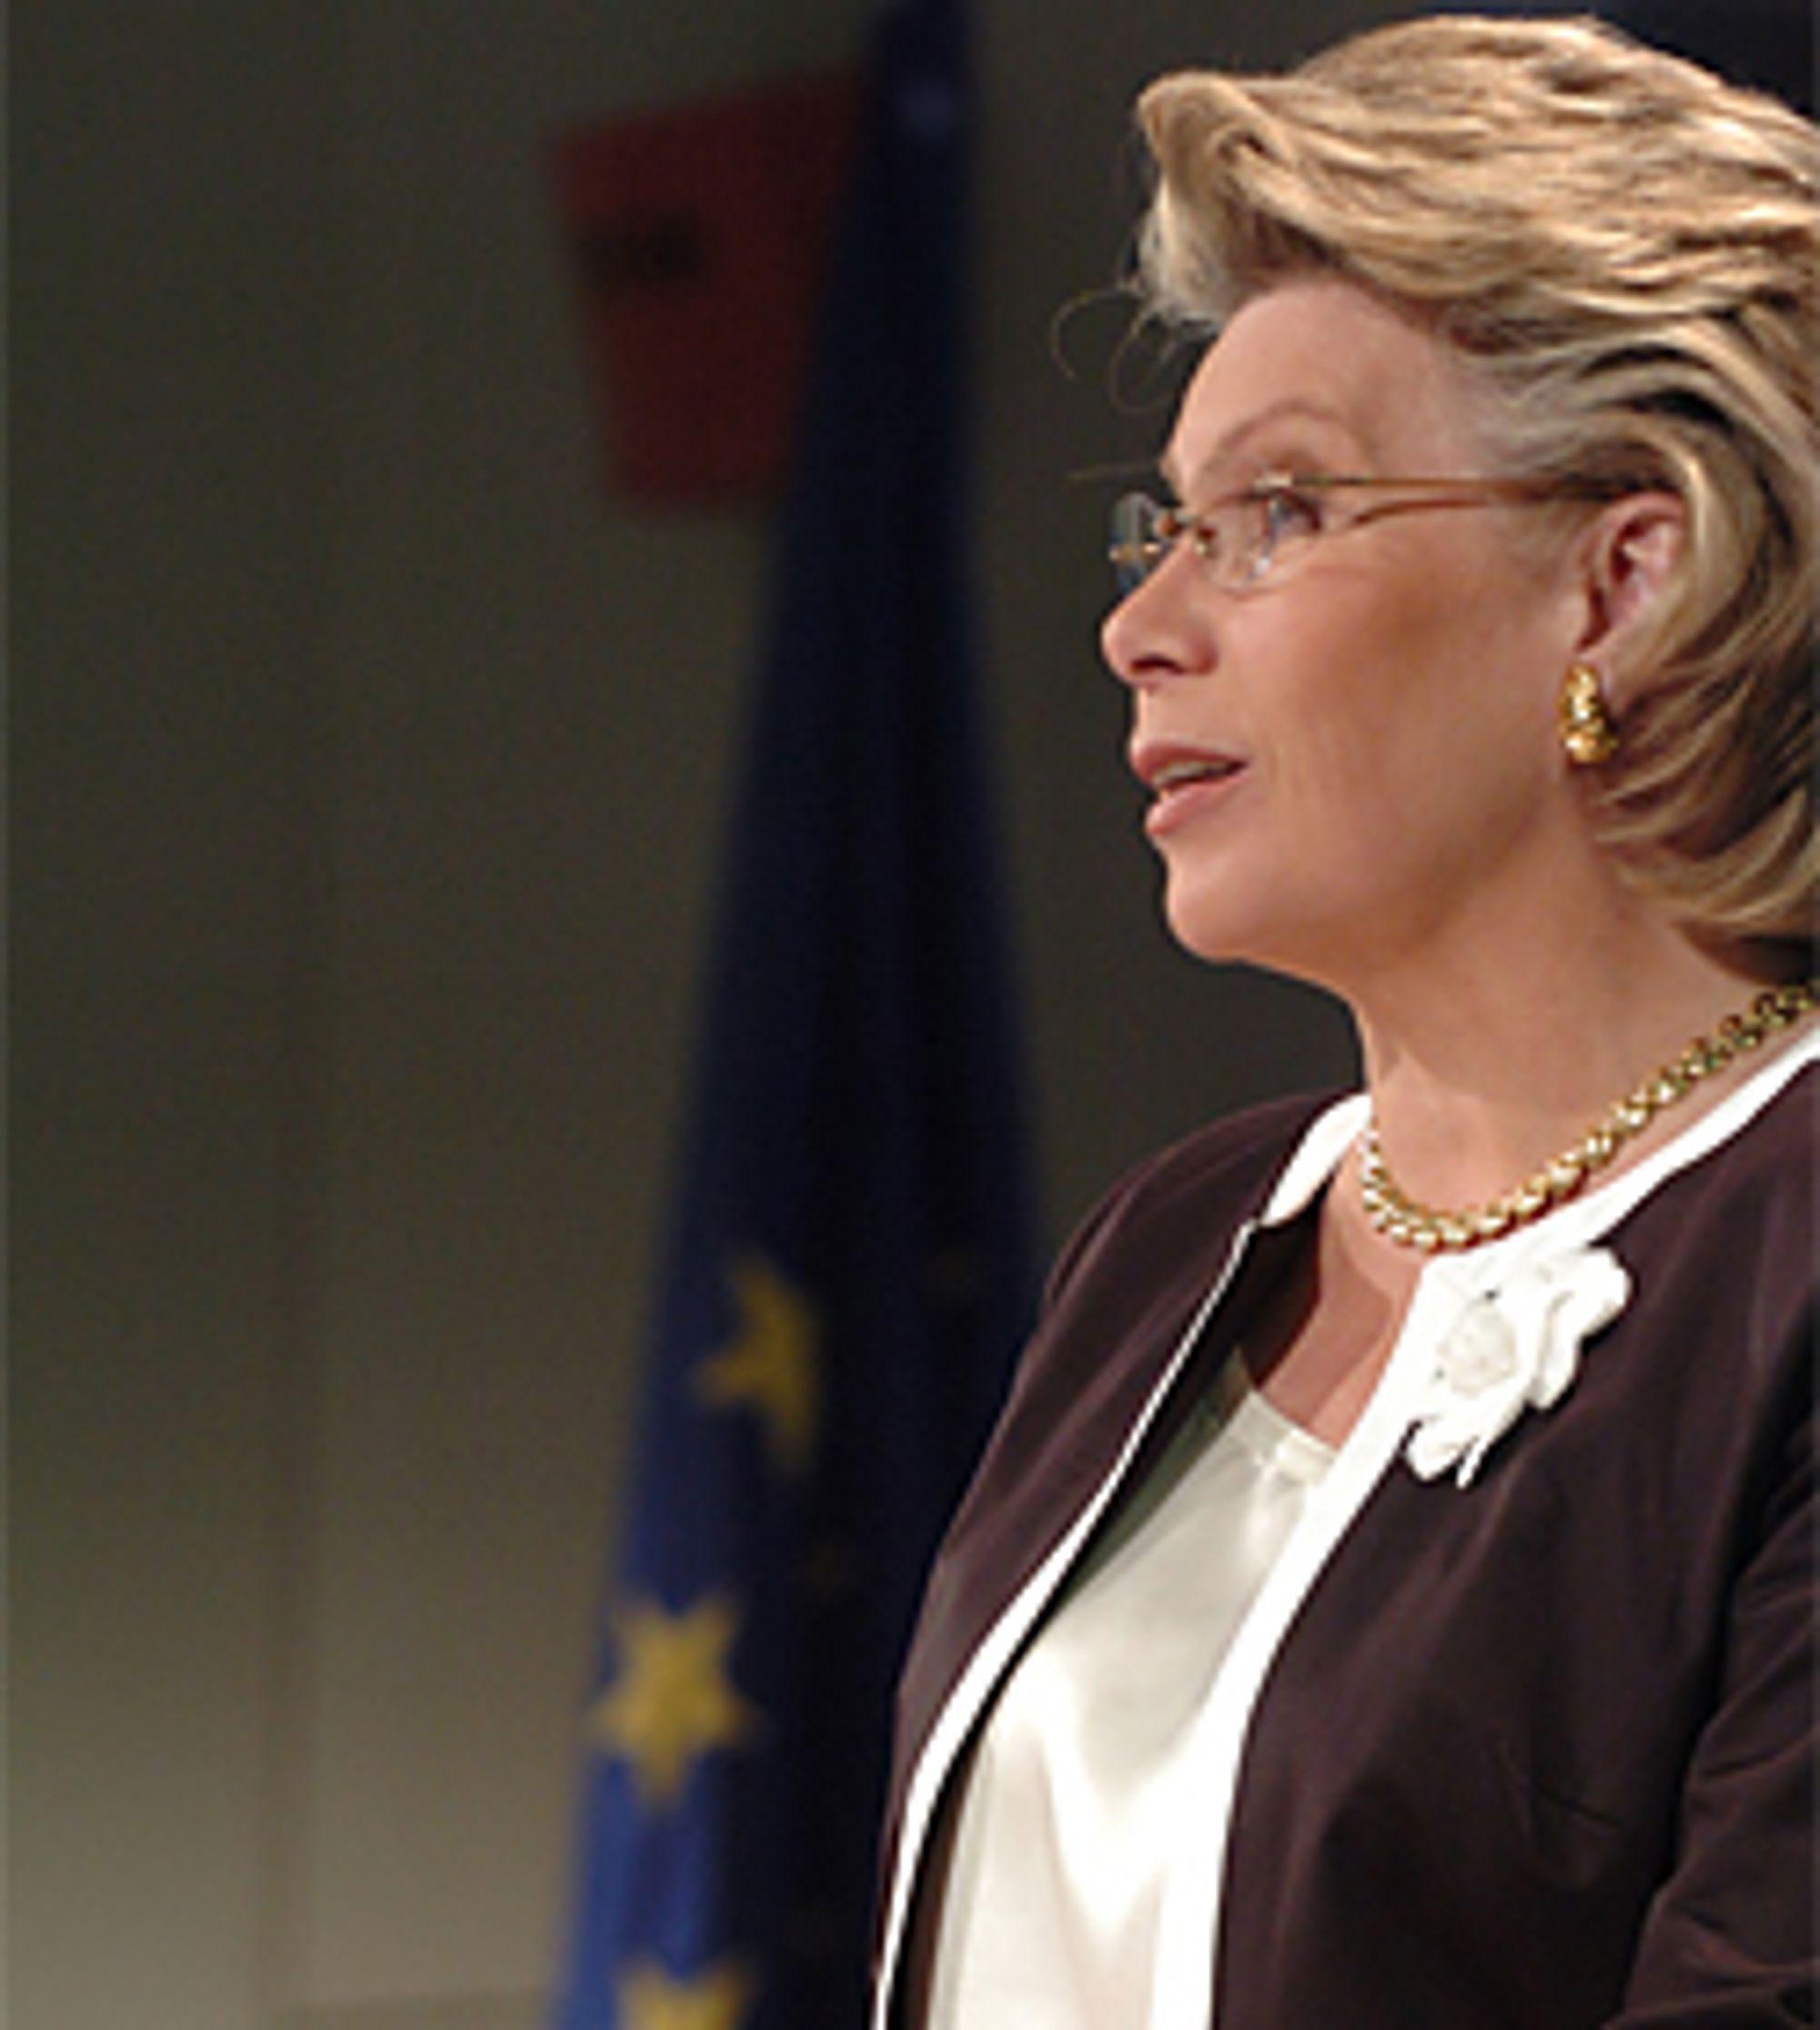 Viviane Reding ønsker DVB-H i Europa. (Foto: Europakommisjonen)